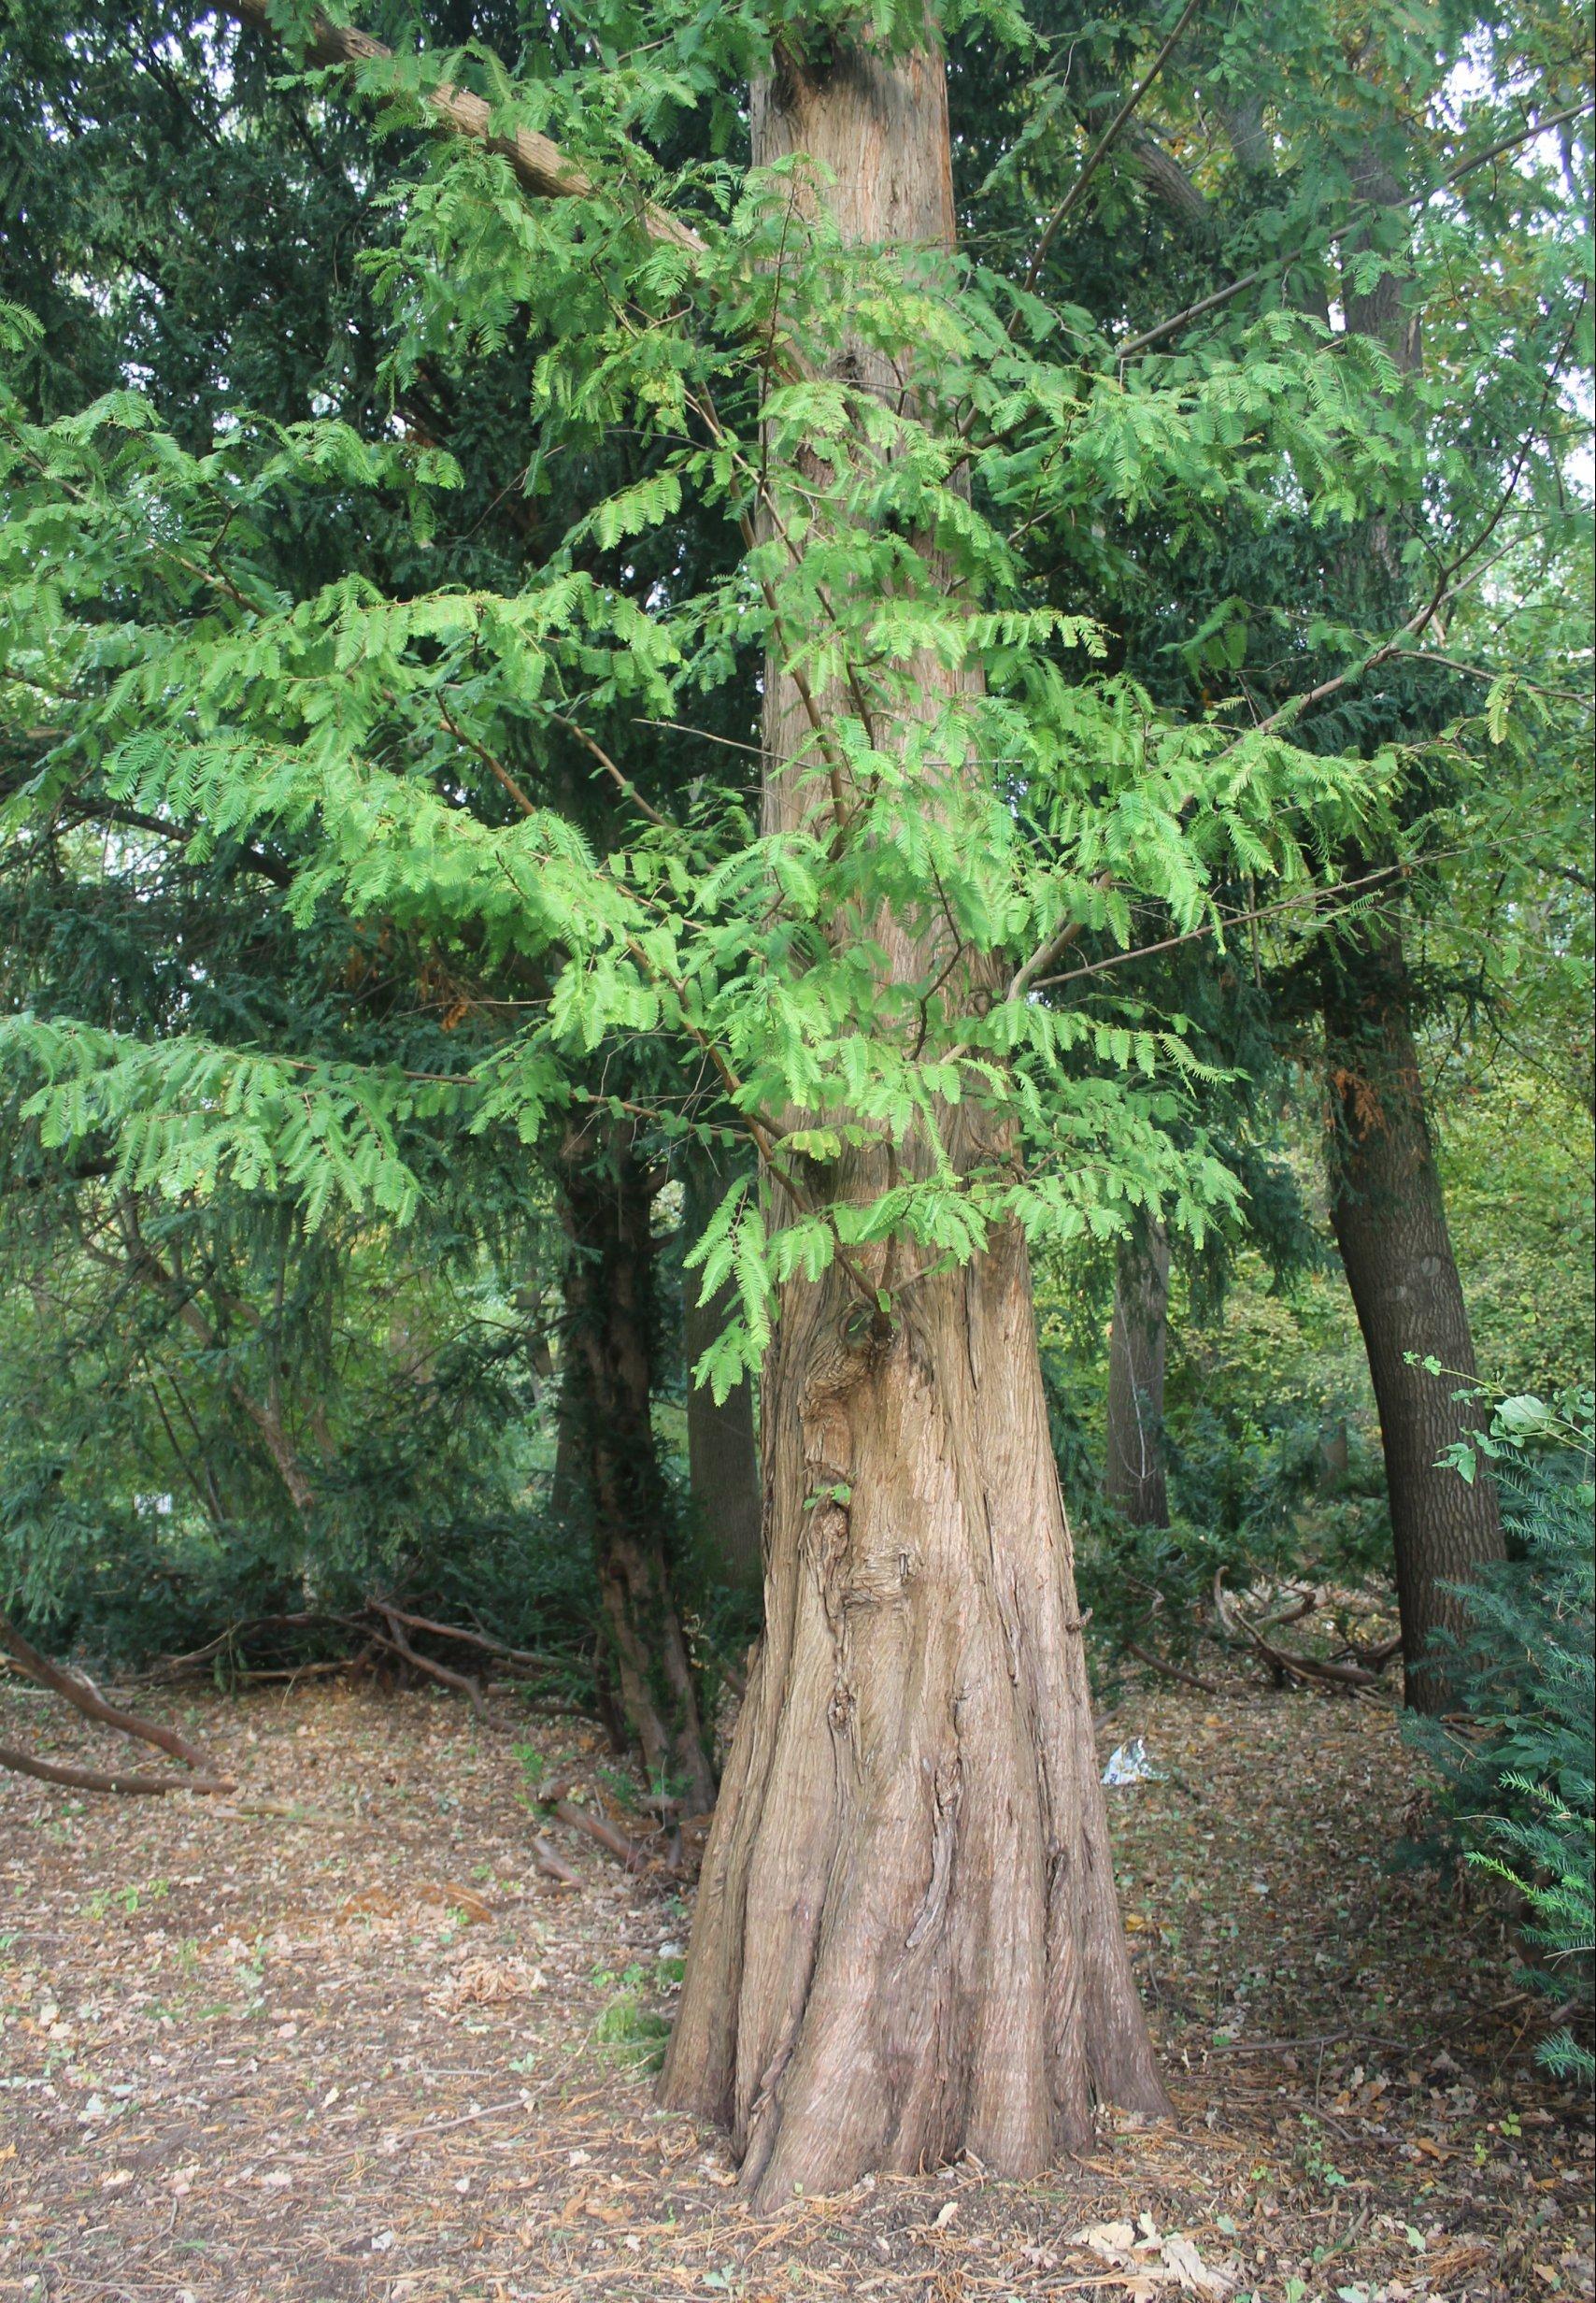 Das Bild zeigt den Stammfuss eines Urweltmammutbaumes im Berliner Tiergarten mit den typischen Stammkehlungen.